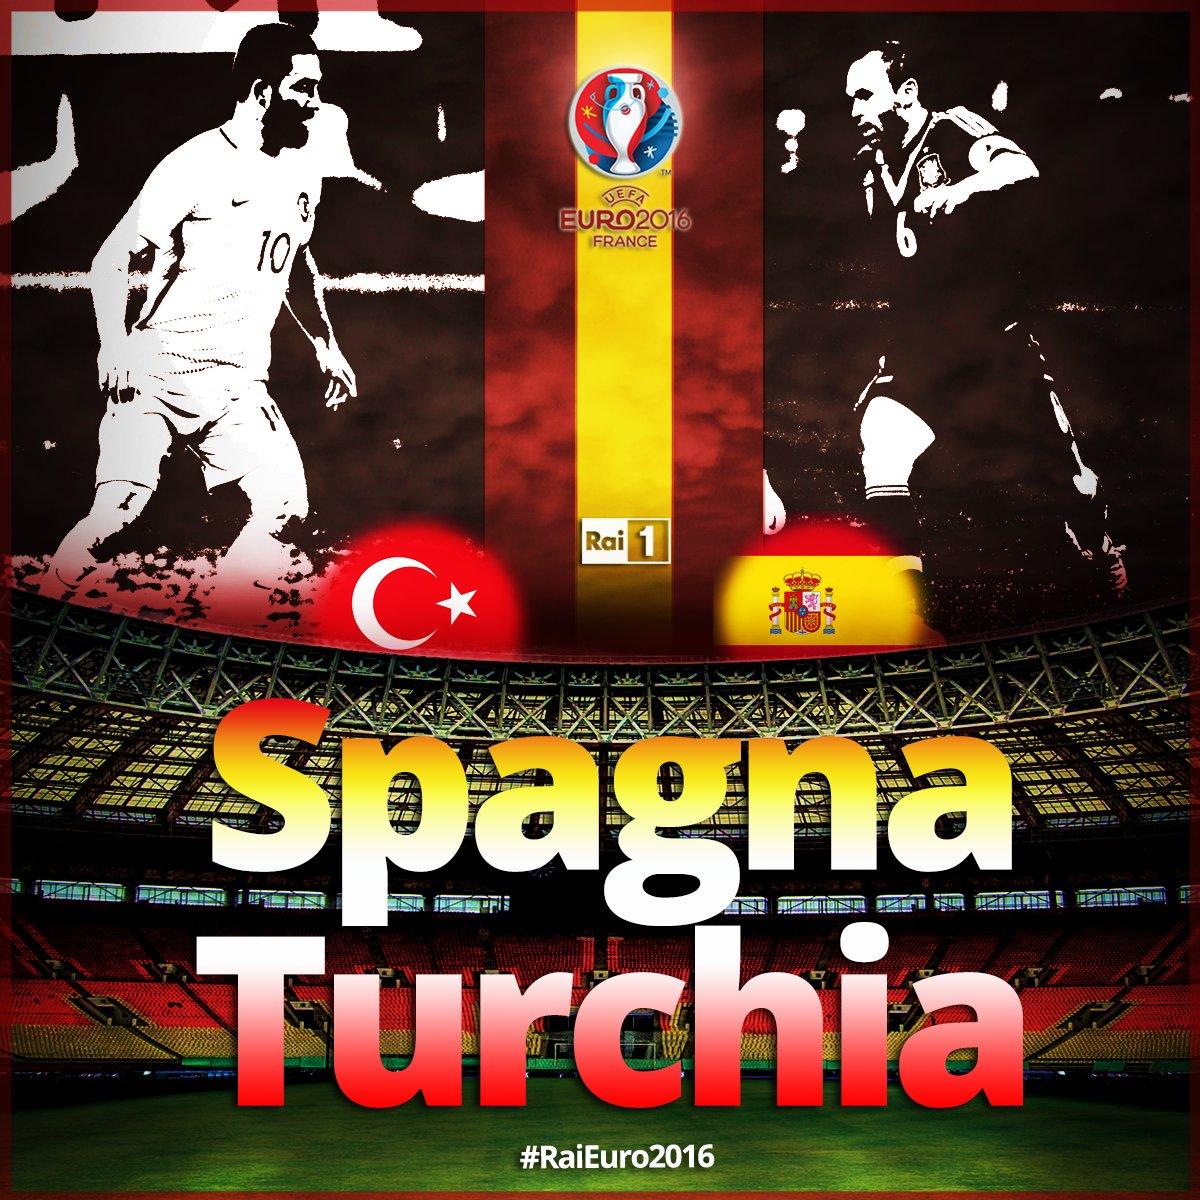 SPAGNA TURCHIA Diretta Streaming Gratis con iPhone Tablet e PC Rojadirecta Oggi 17 giugno EURO 2016